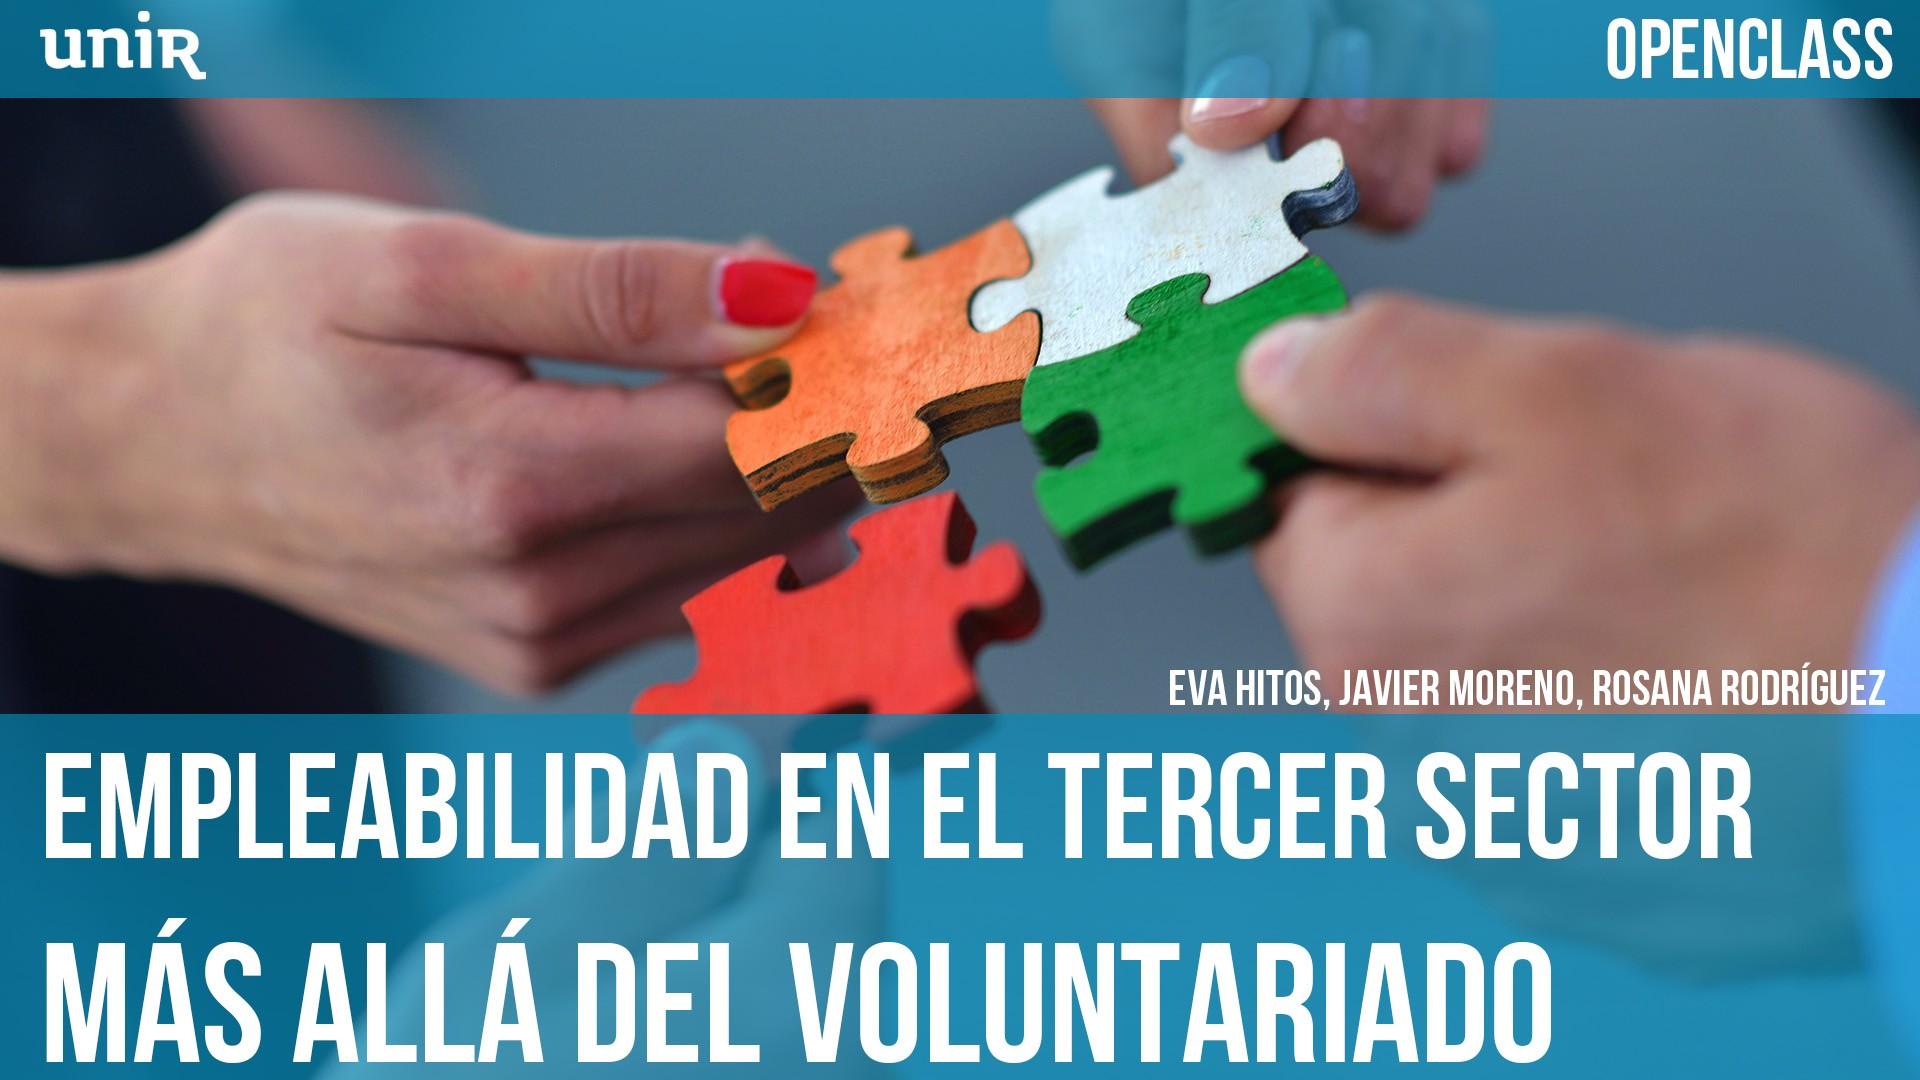 OPENCLASS: Empleabilidad en el Tercer Sector. Más allá del voluntariado